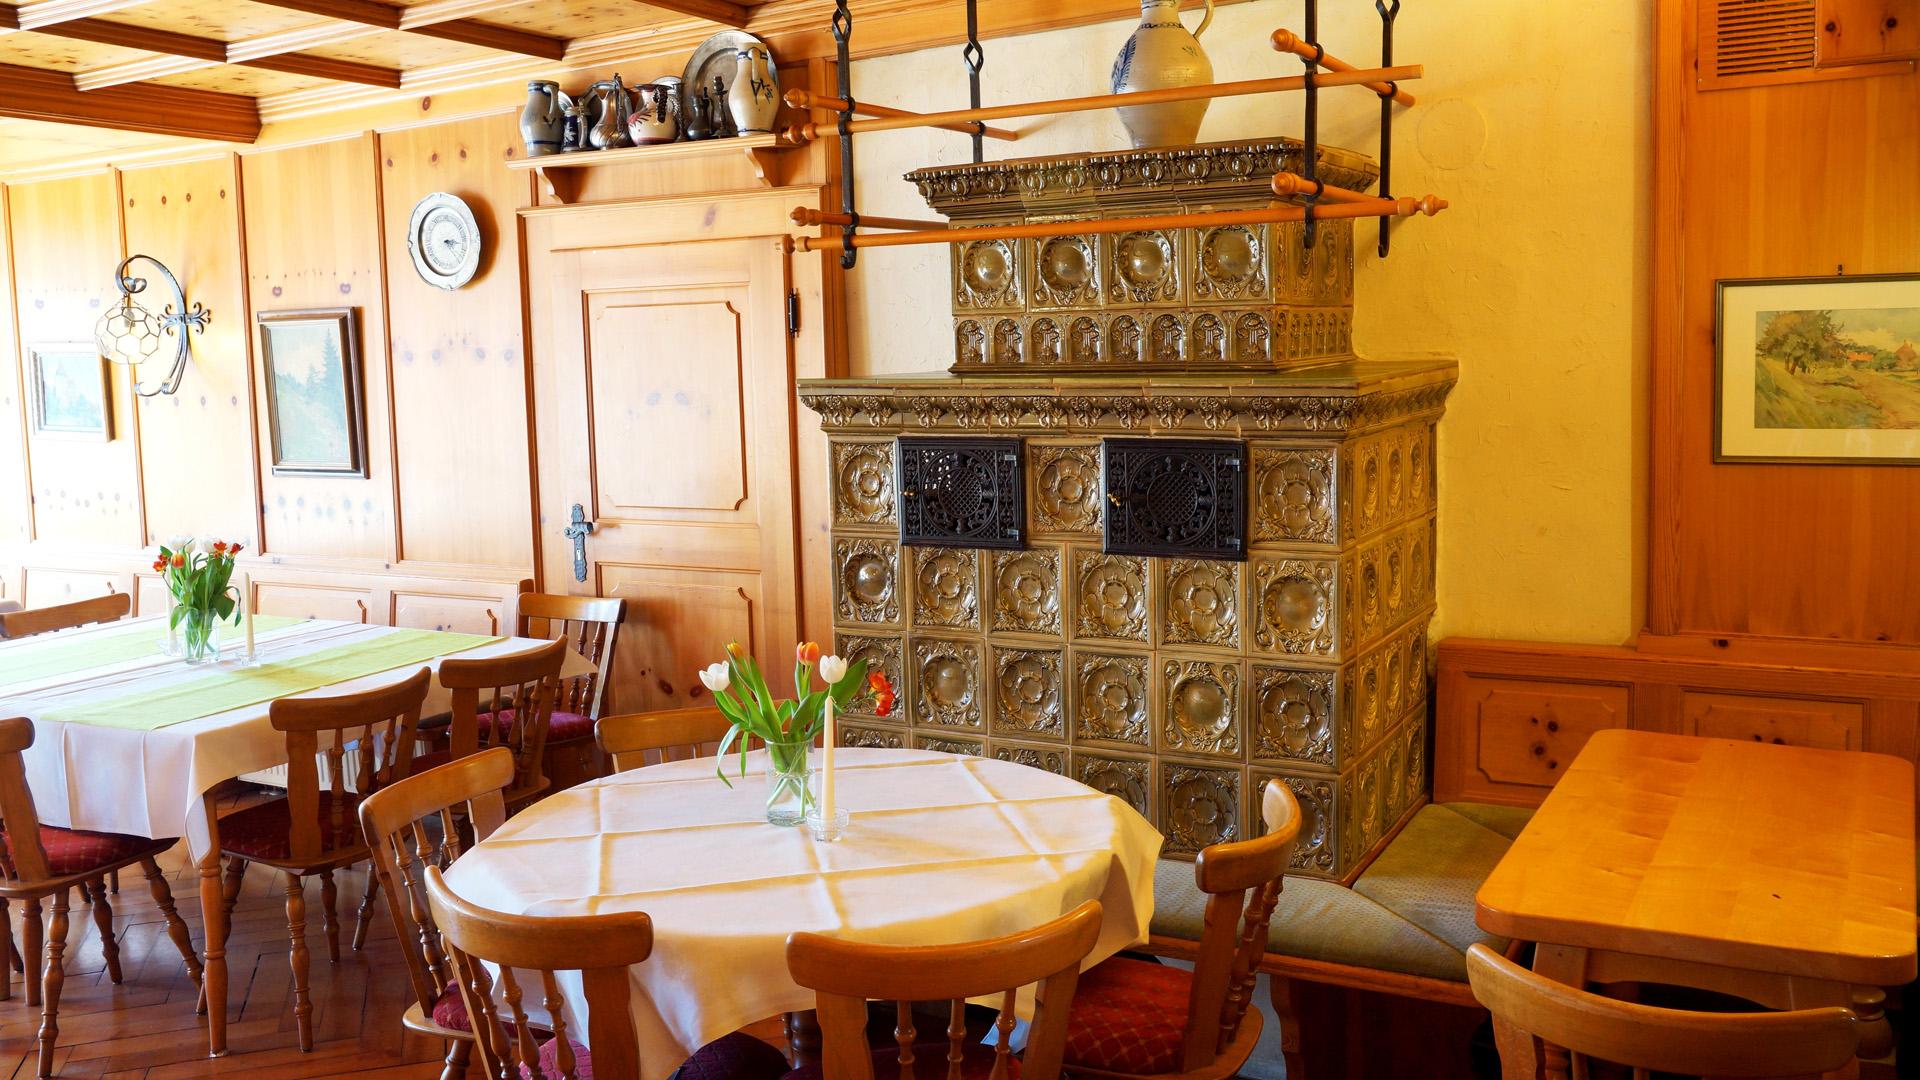 Kachelofen im Nebenzimmer der Wirtschaft | Hotel-Gasthof Schiff - Horb am Neckar